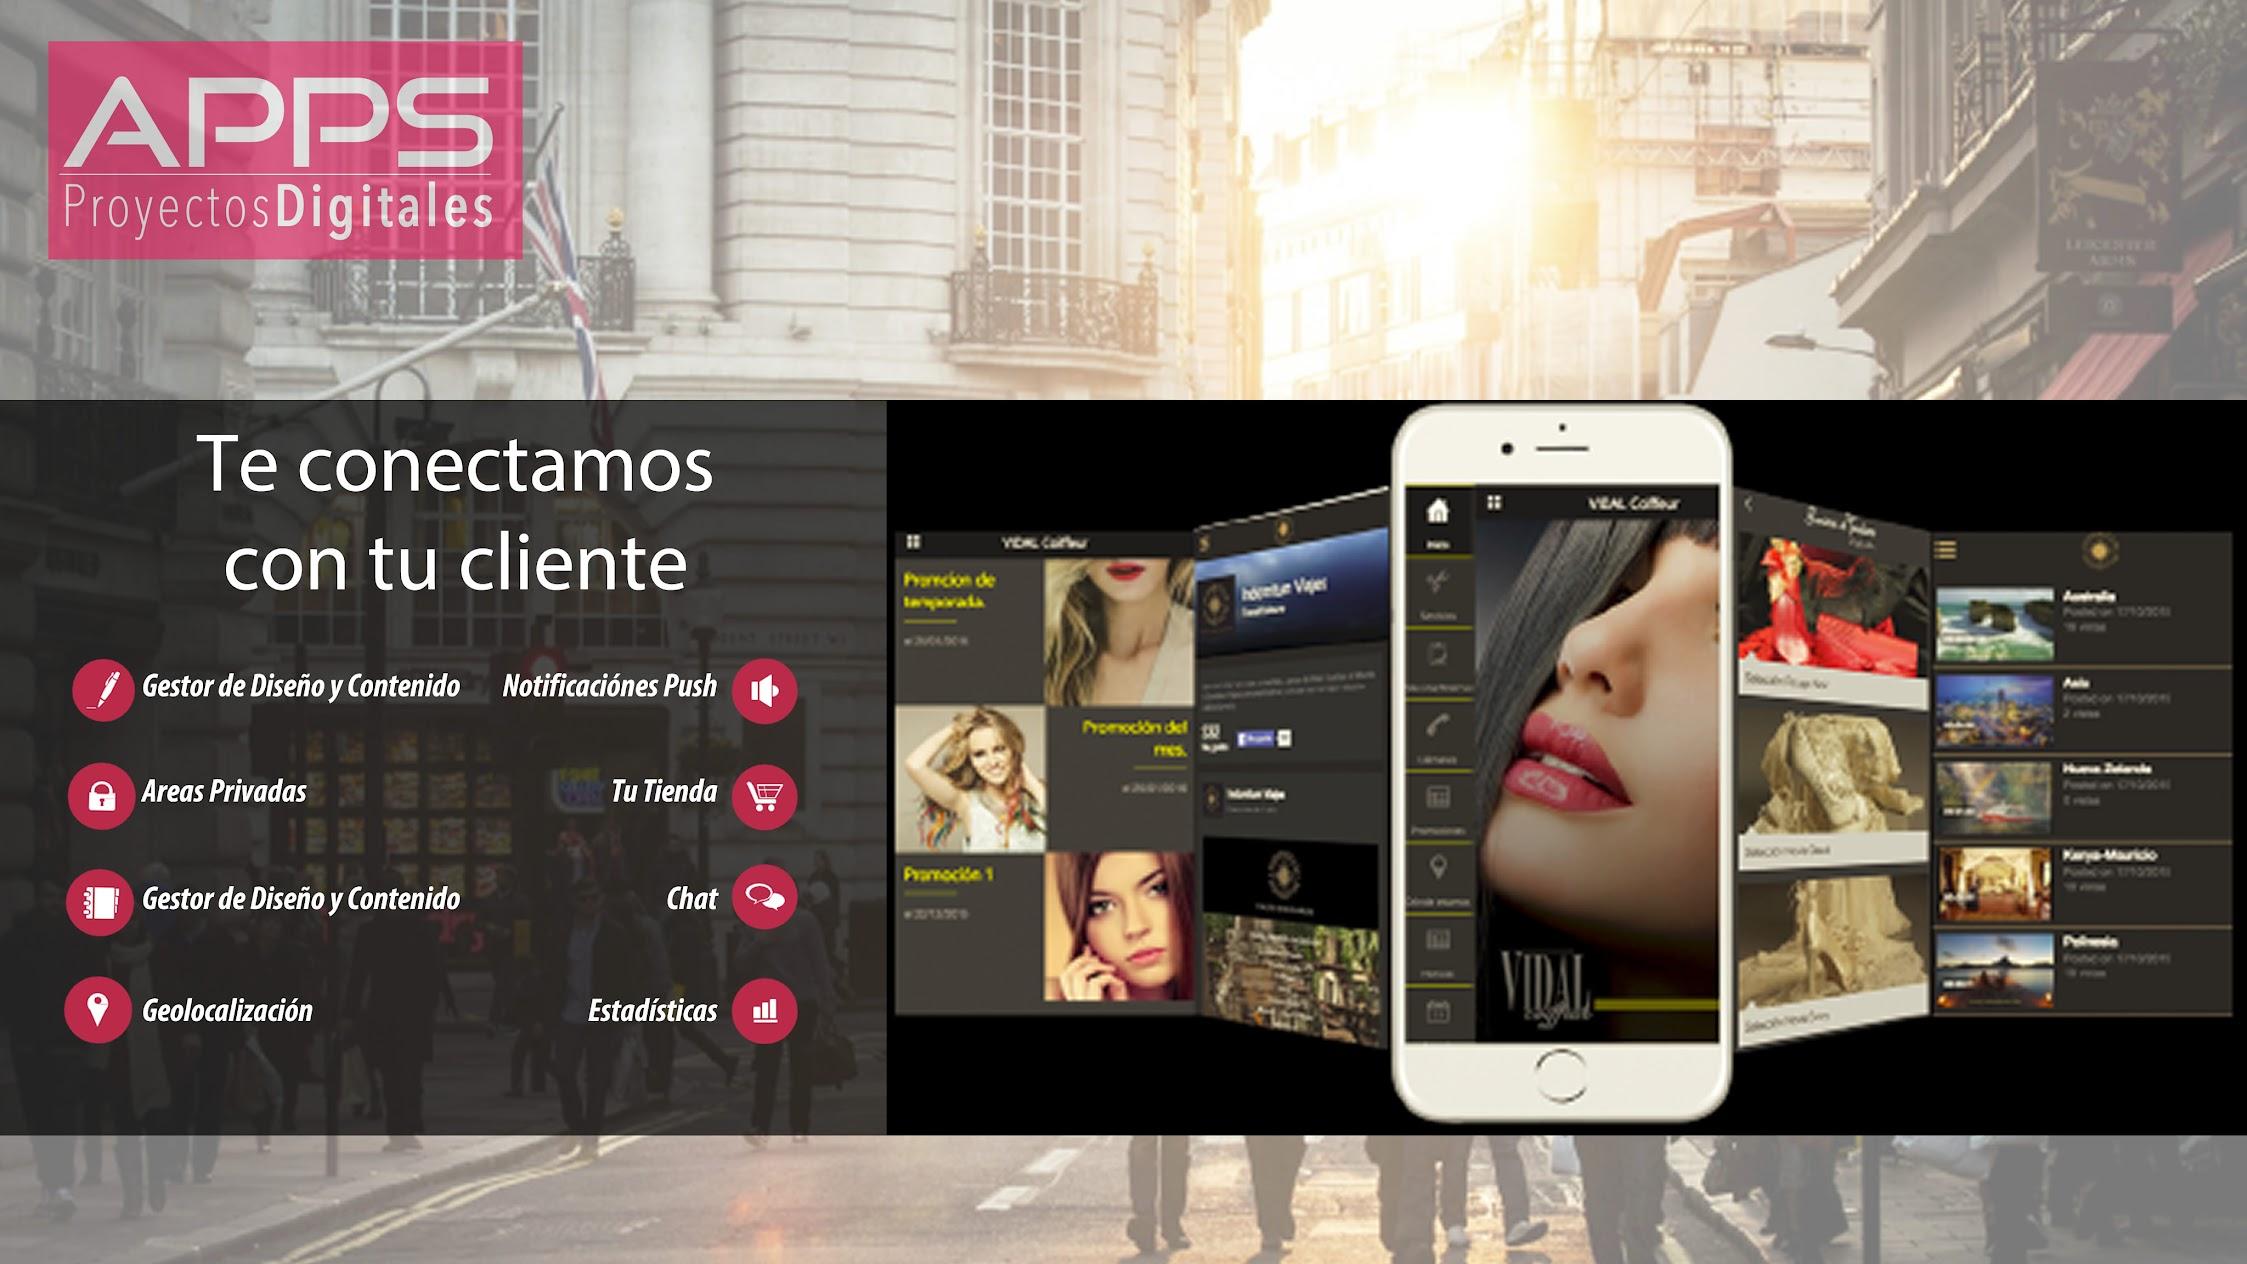 Apps Proyectos